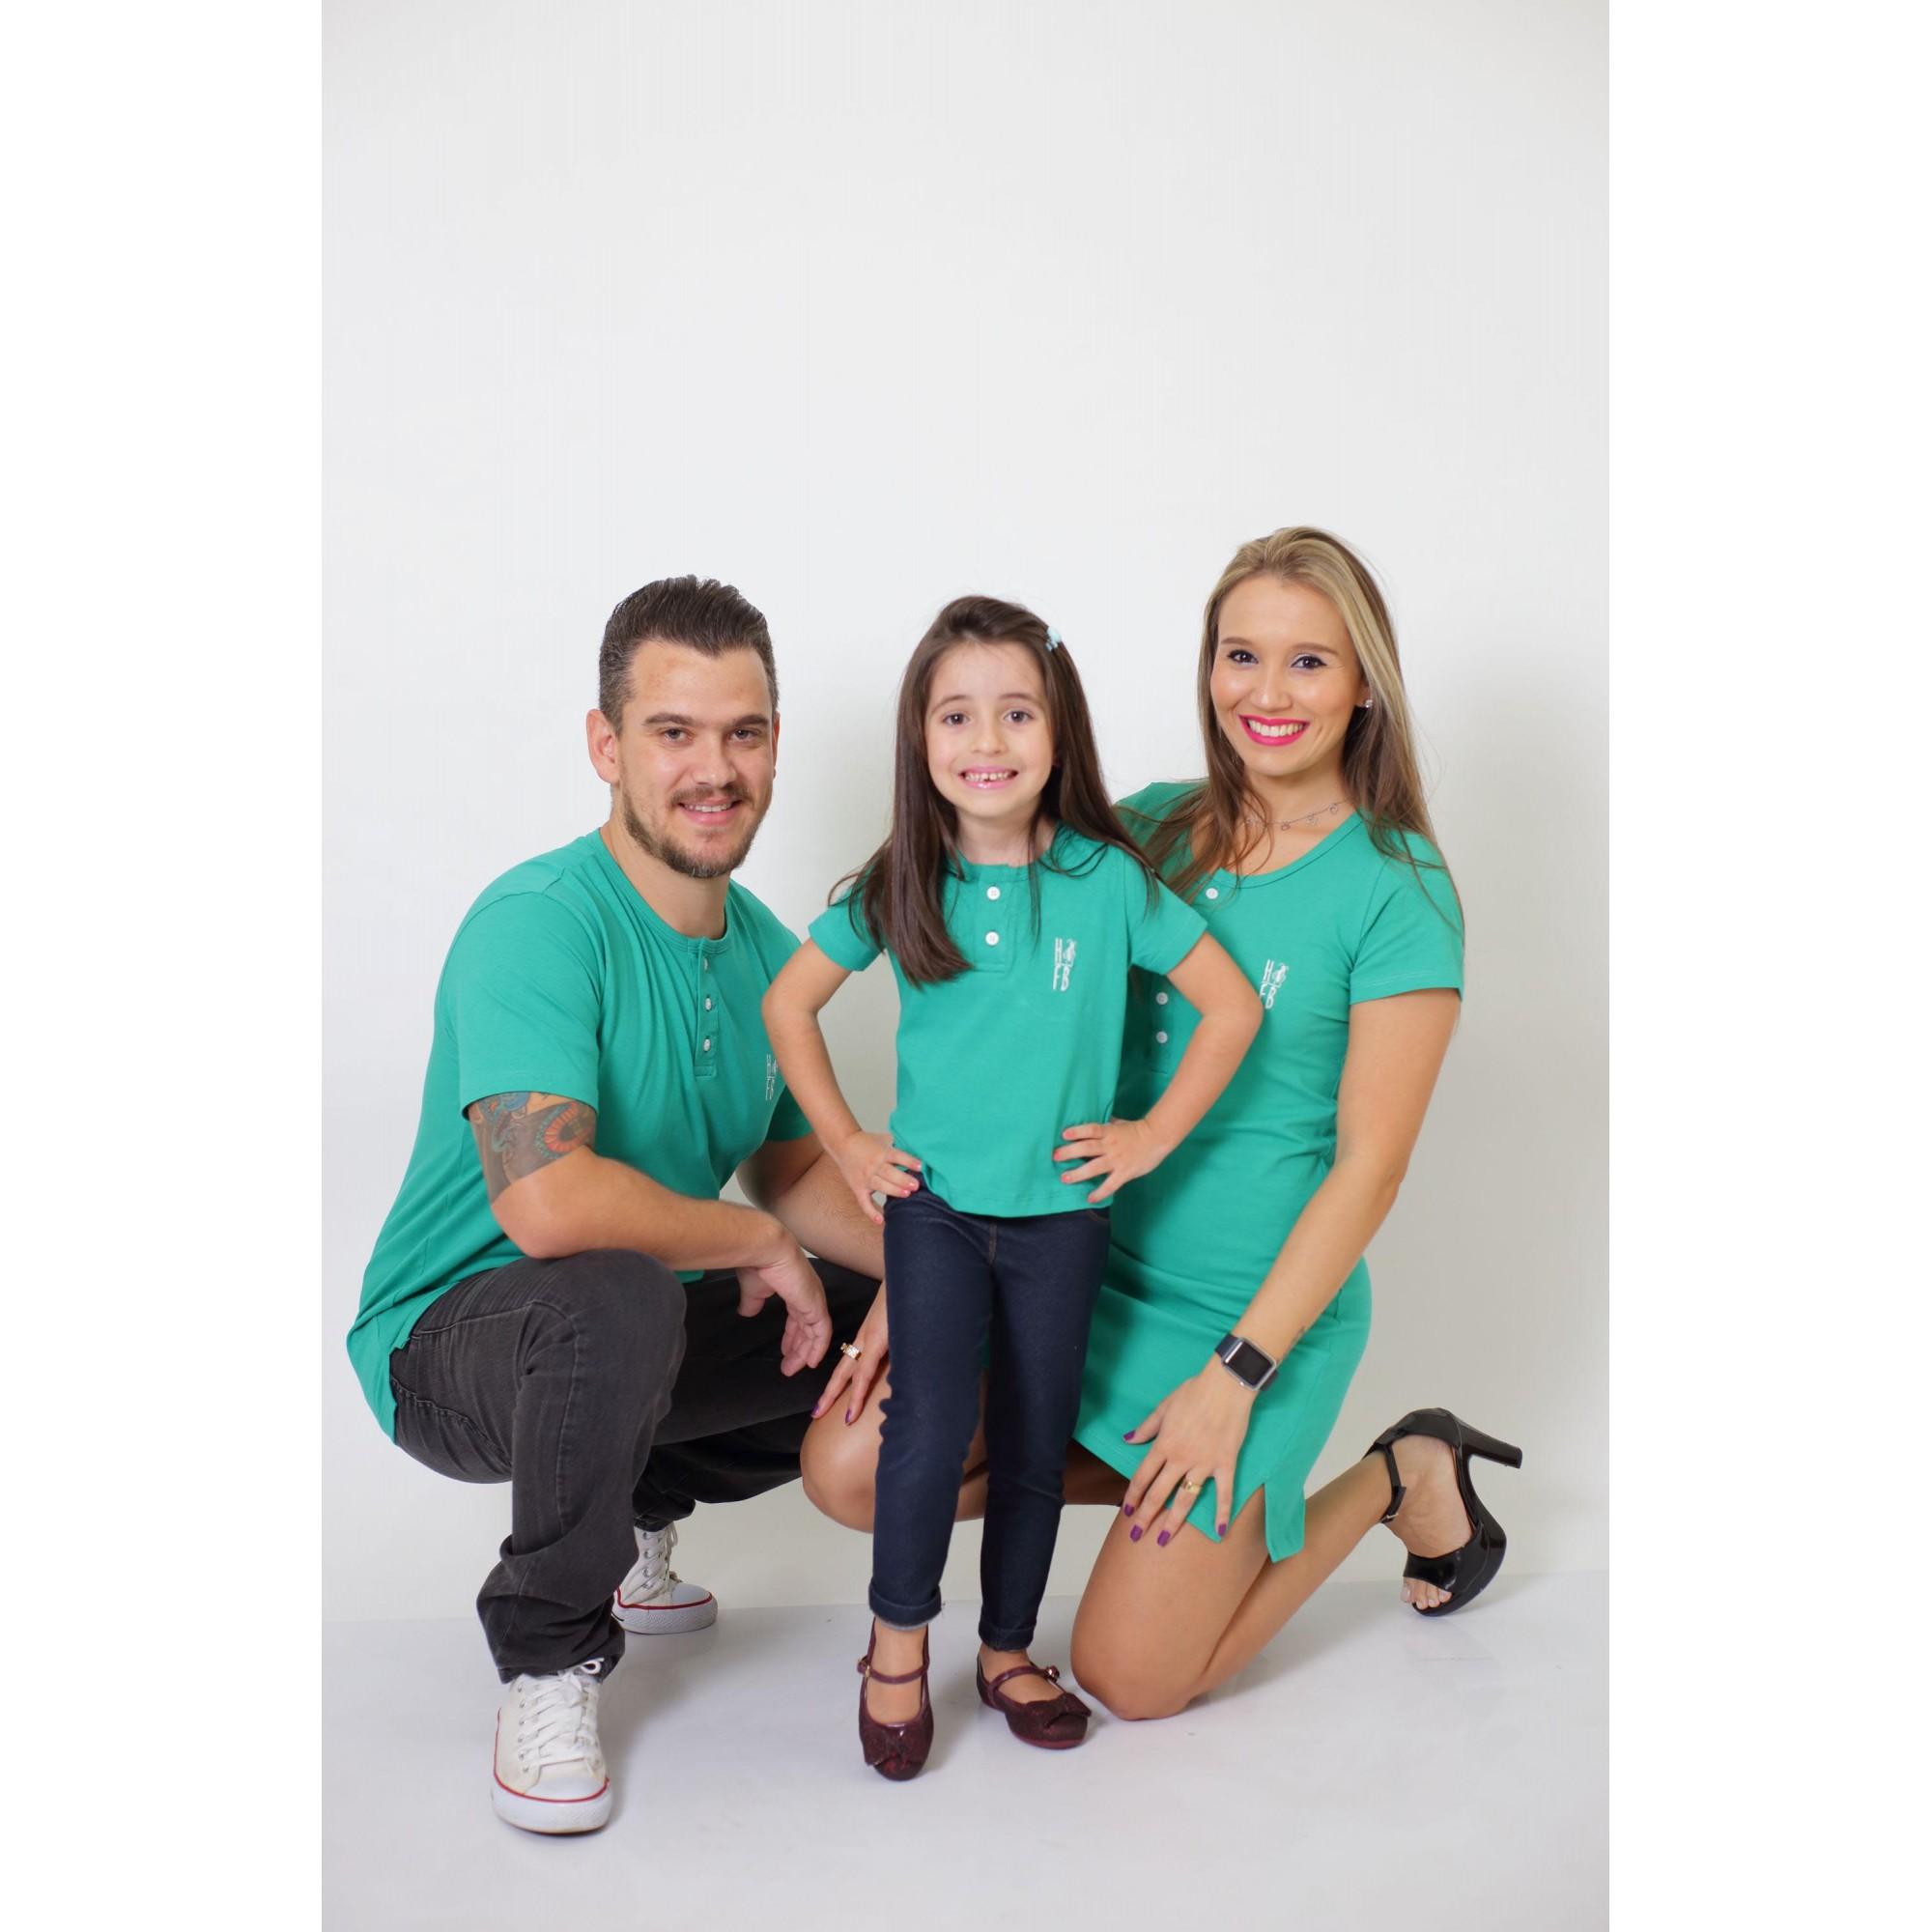 PAIS E FILHA > Kit 3 Peças T-Shirt + Vestido + t-Shirt ou Body Infantil Henley - Verde Jade [Coleção Família]  - Heitor Fashion Brazil